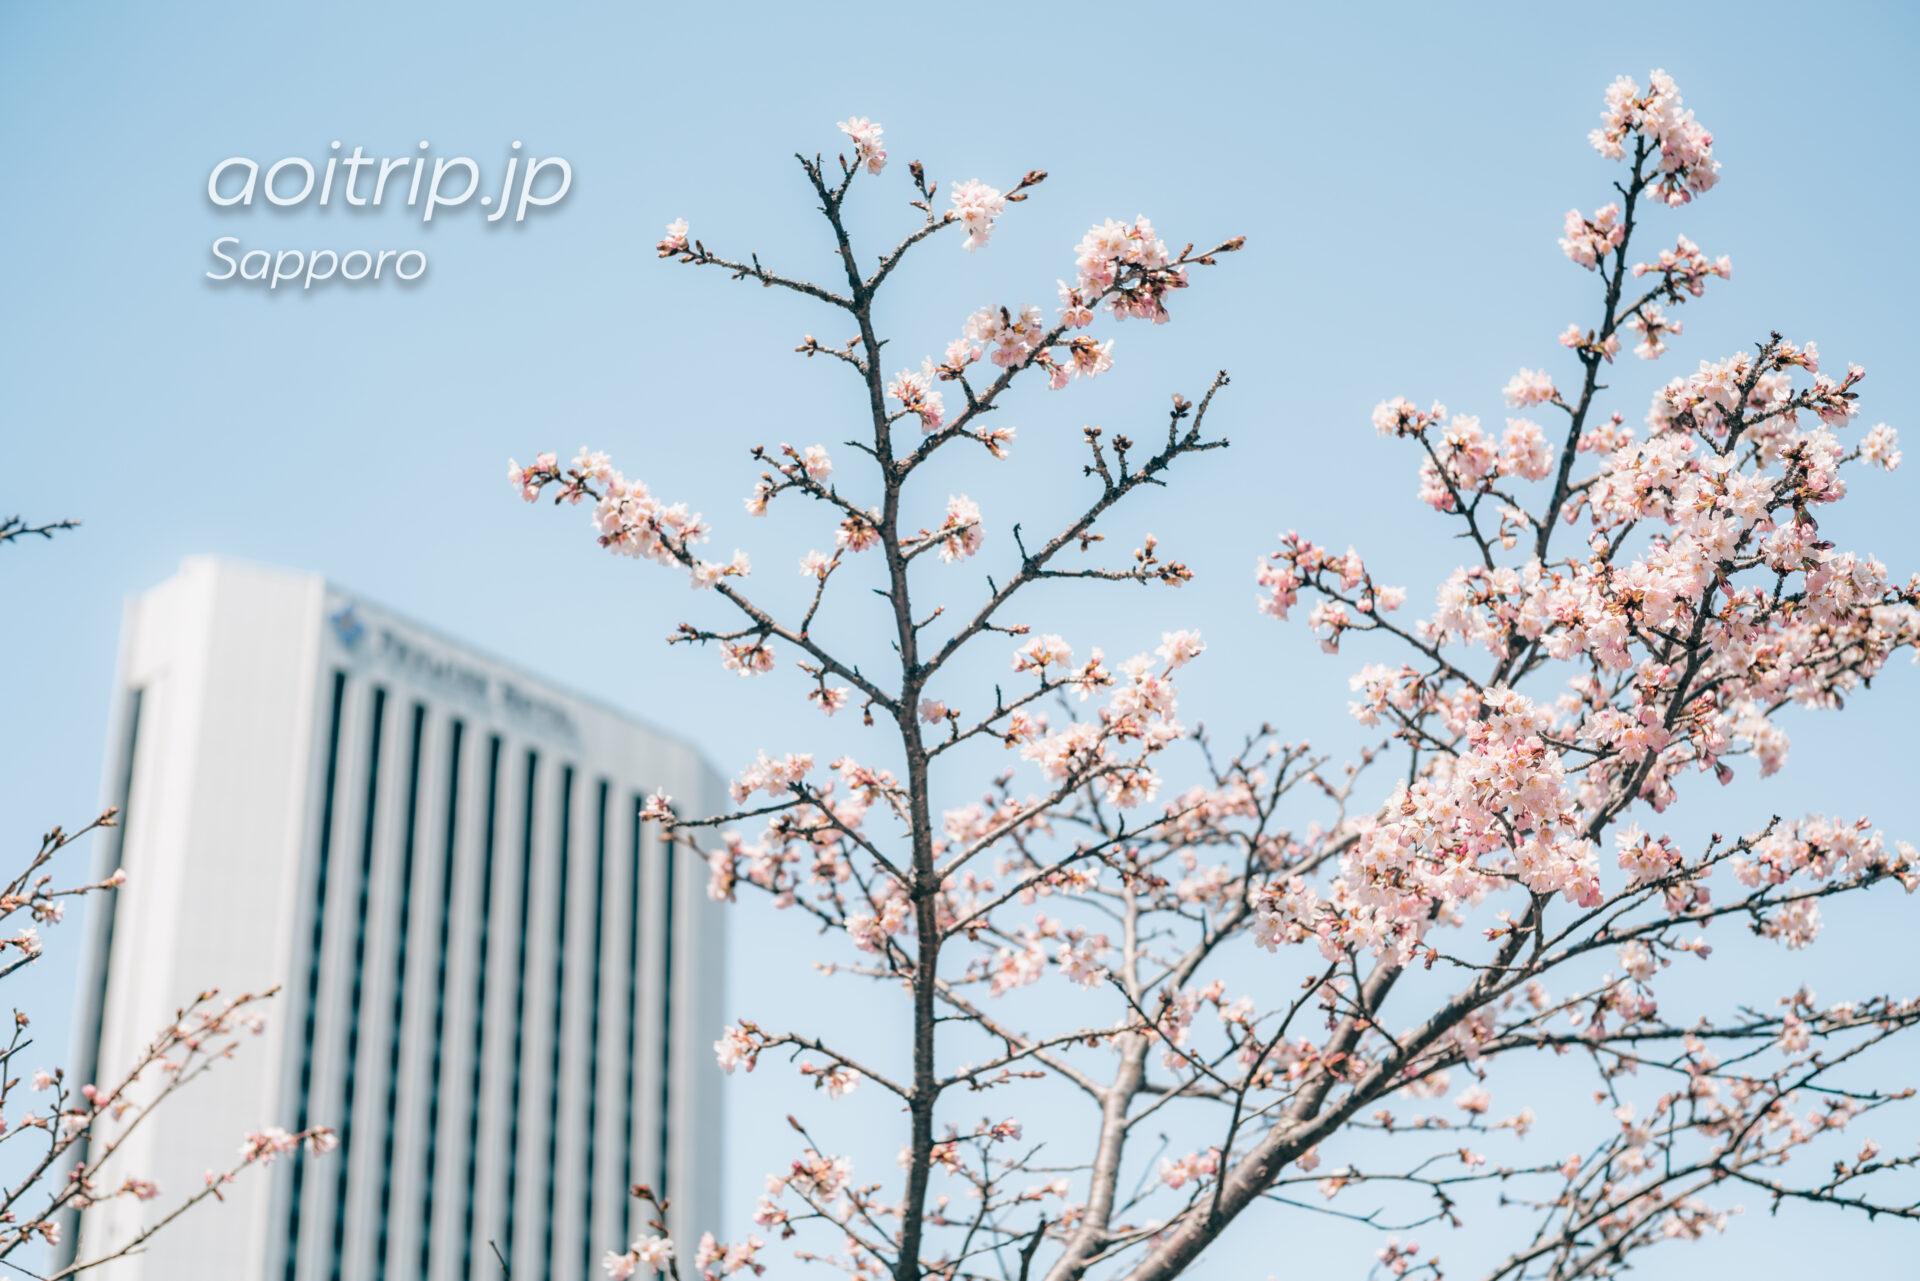 中島公園のチシマザクラとプレミアホテル札幌中島公園